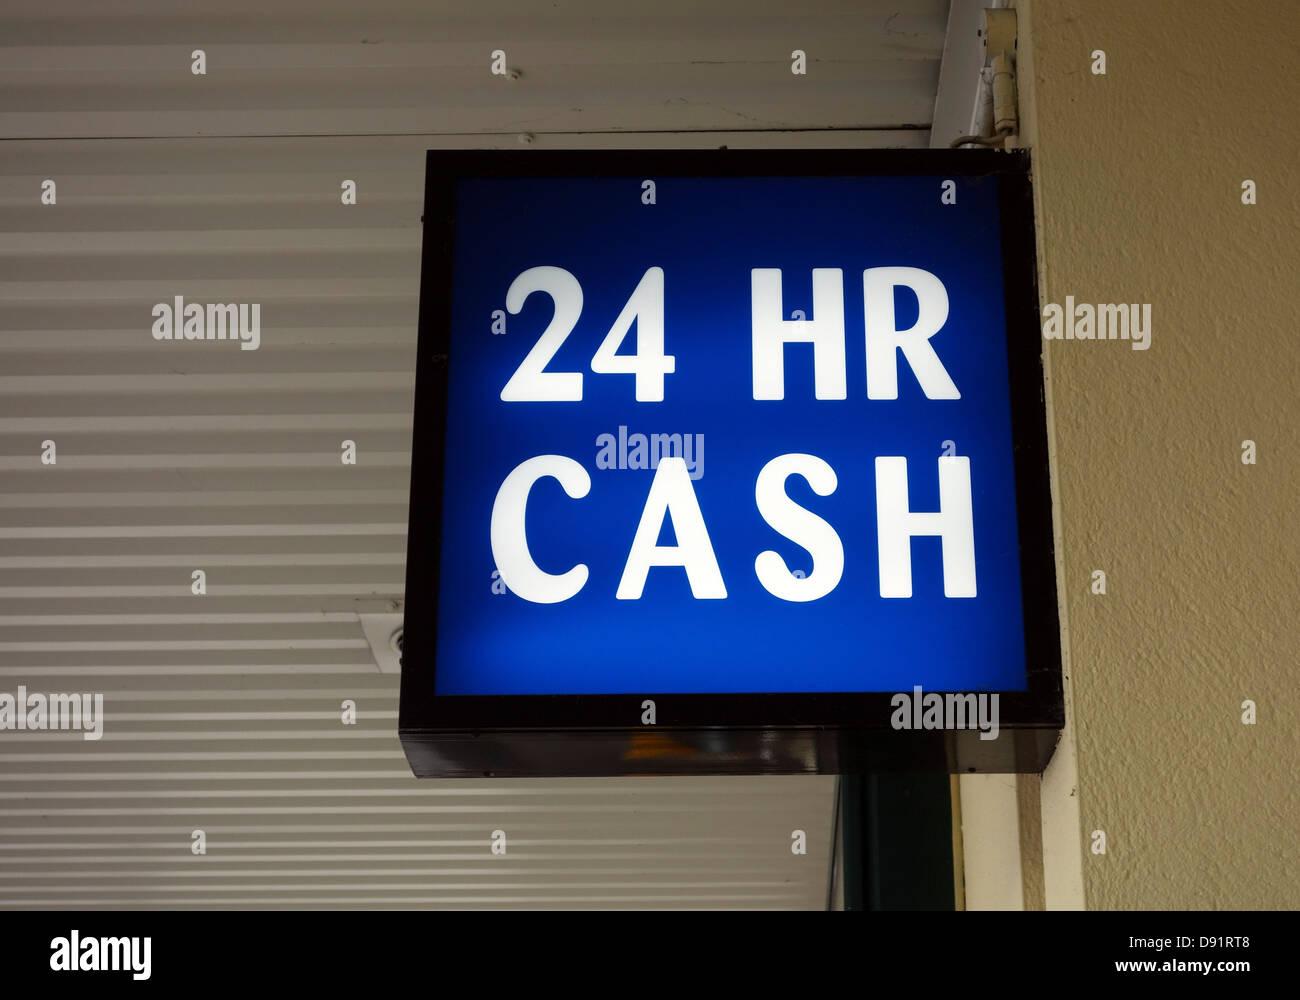 24 Hour Cash